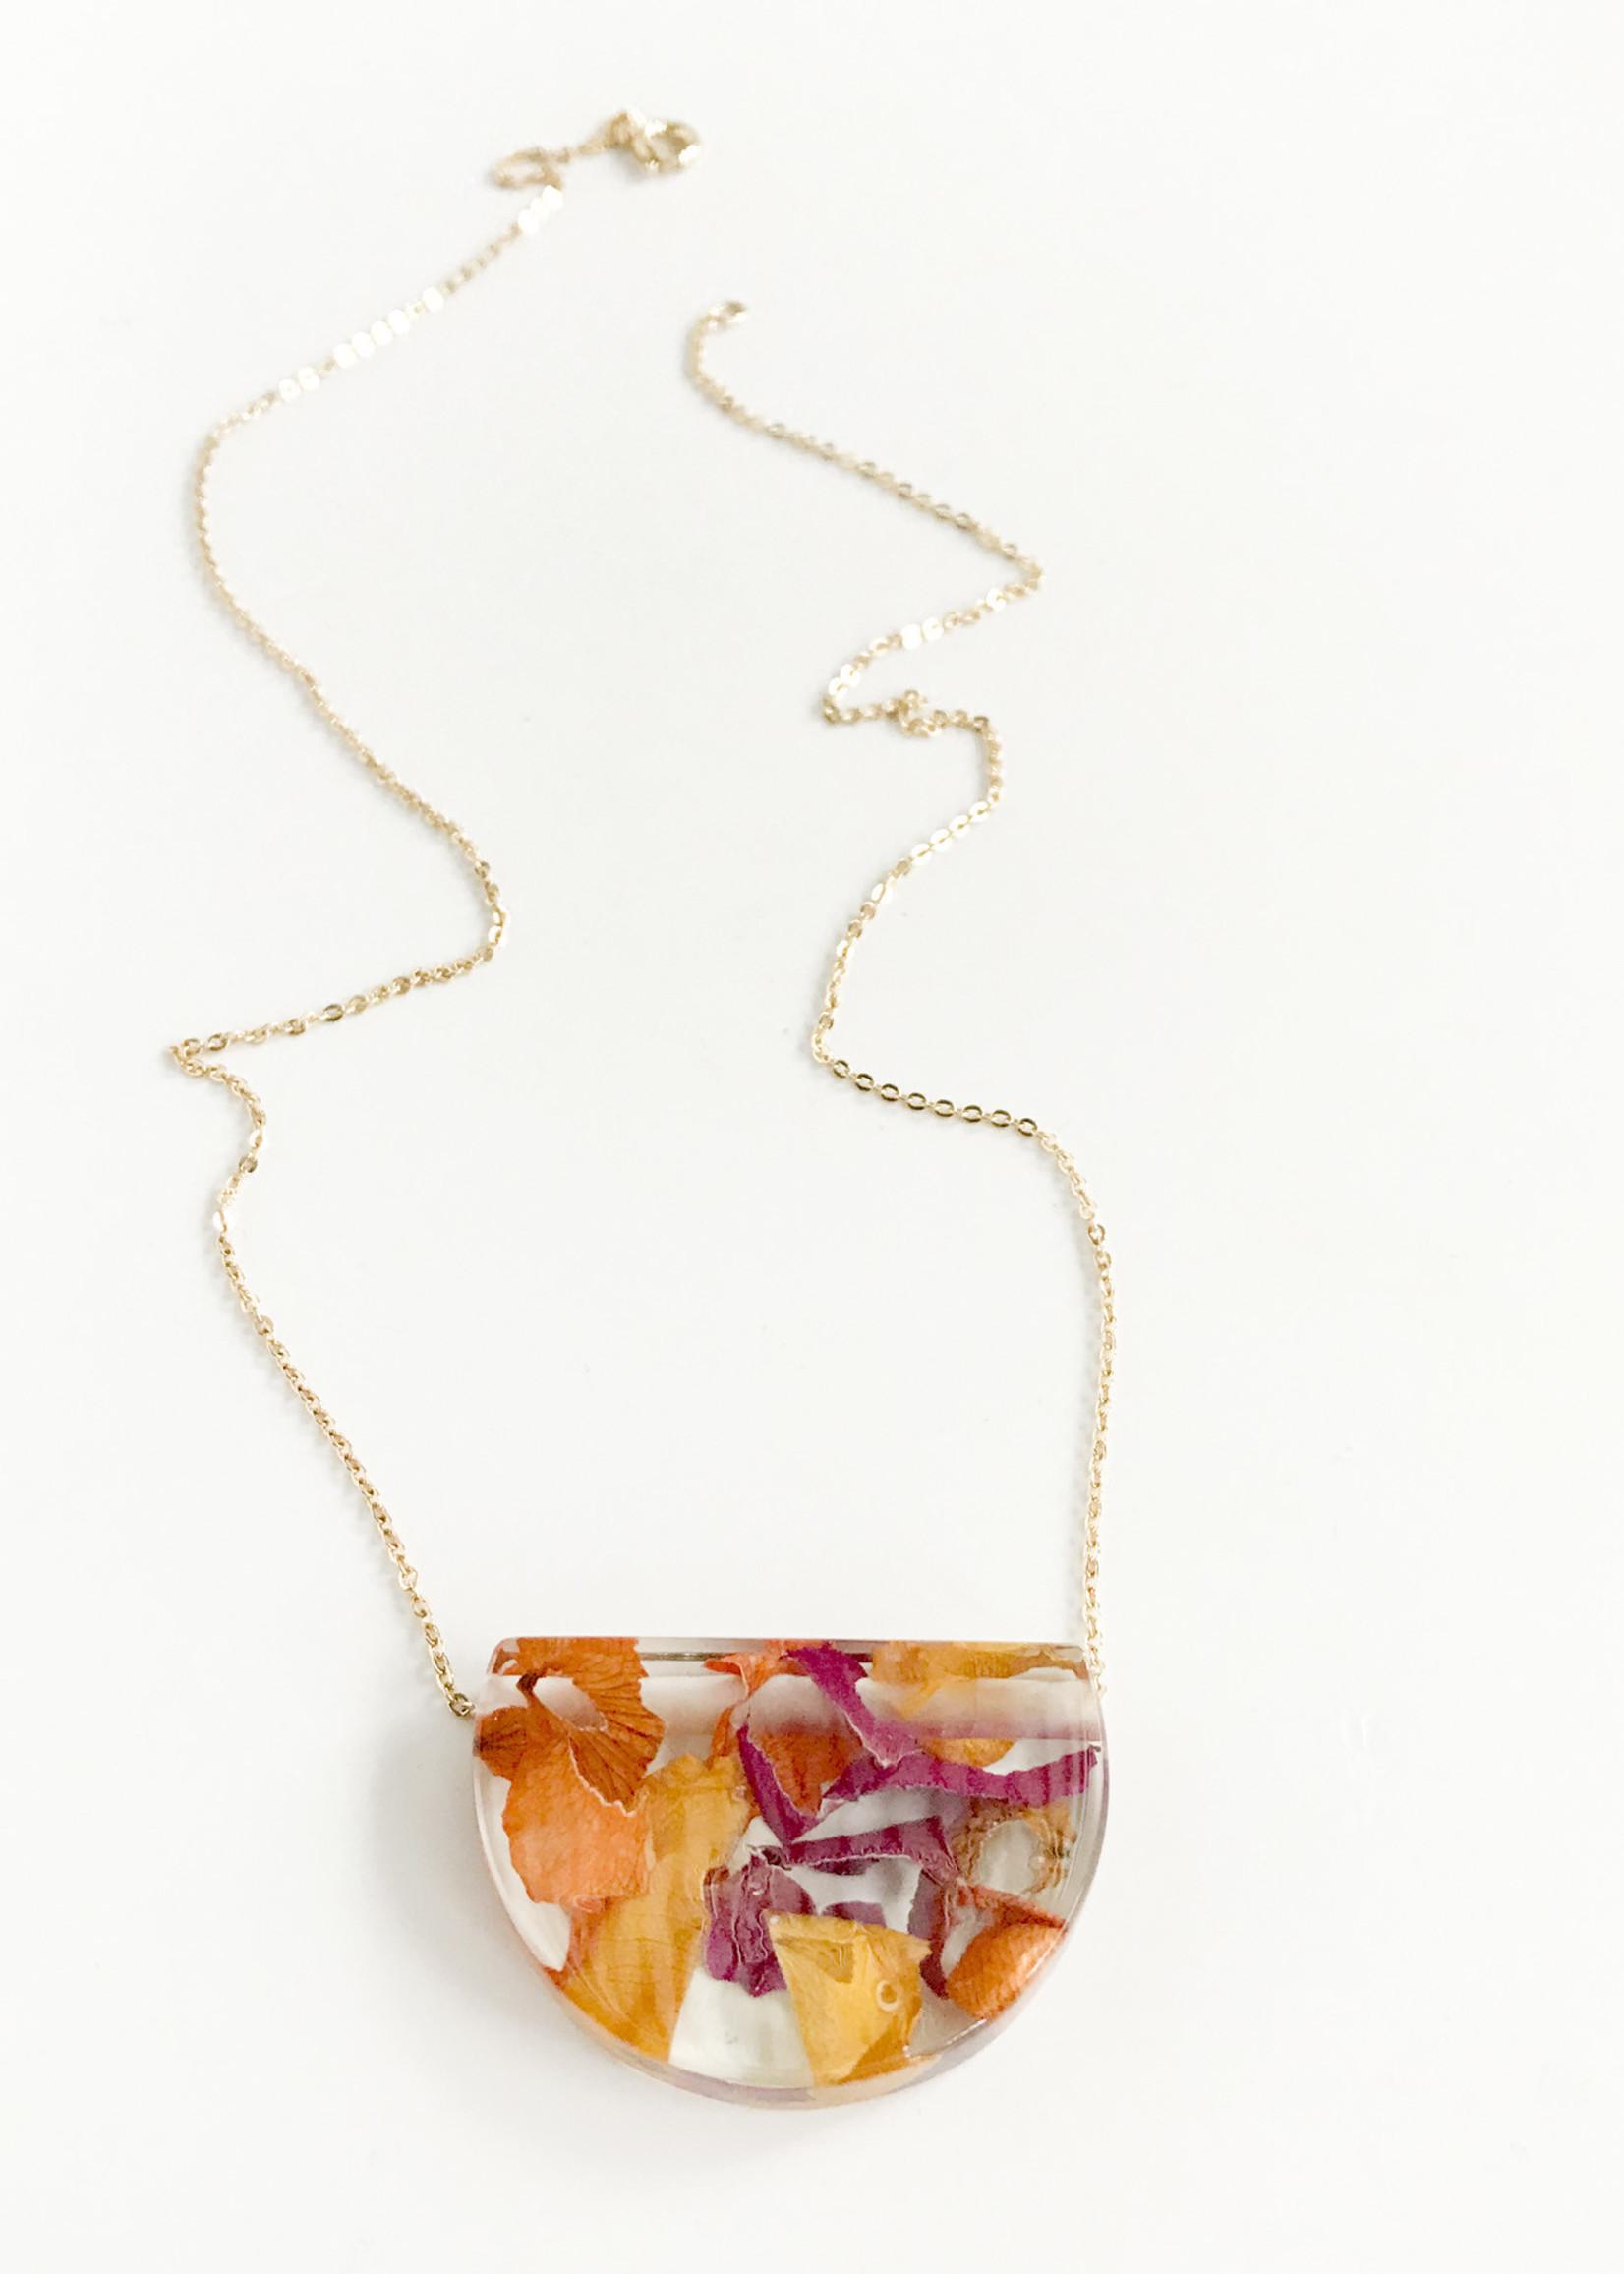 Belart Rose Petal Necklace